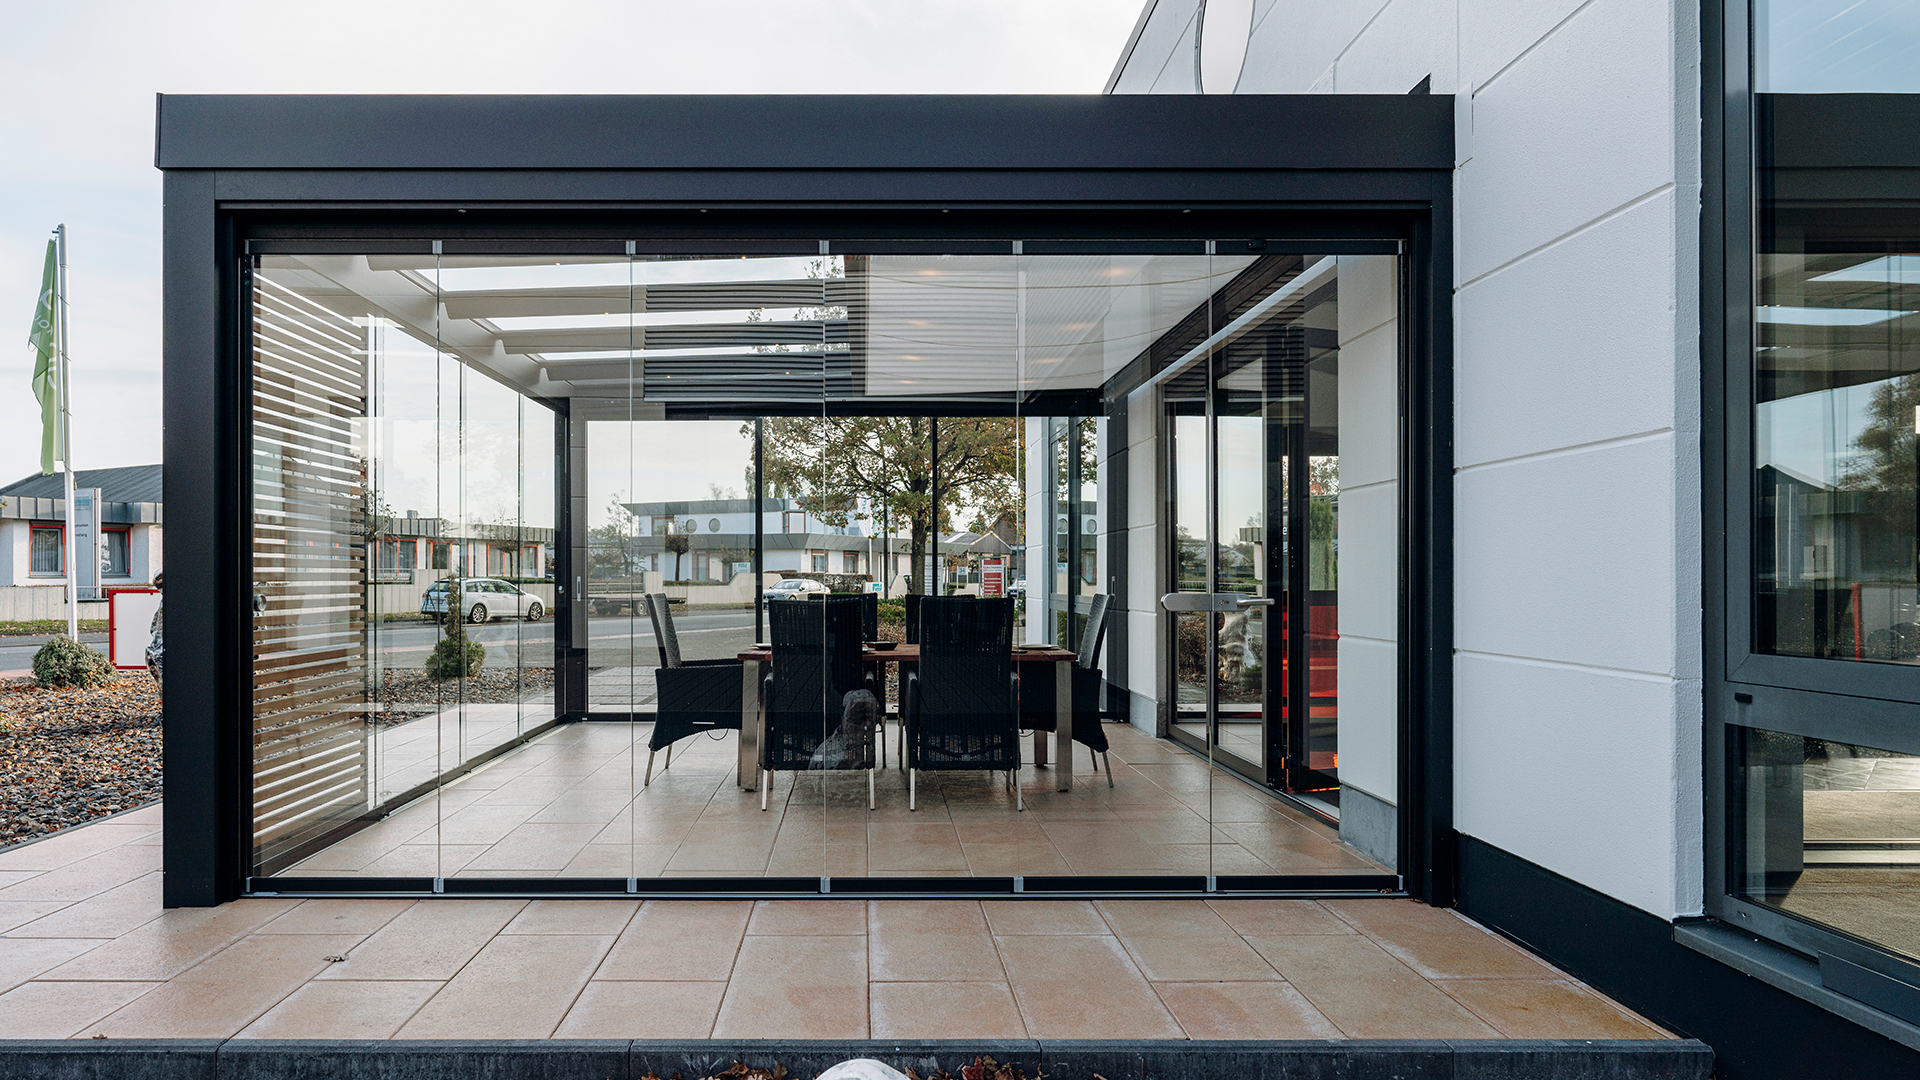 SDL Acubis Terrassendach in der Außenausstellung von Linara Ahaus in Ahaus